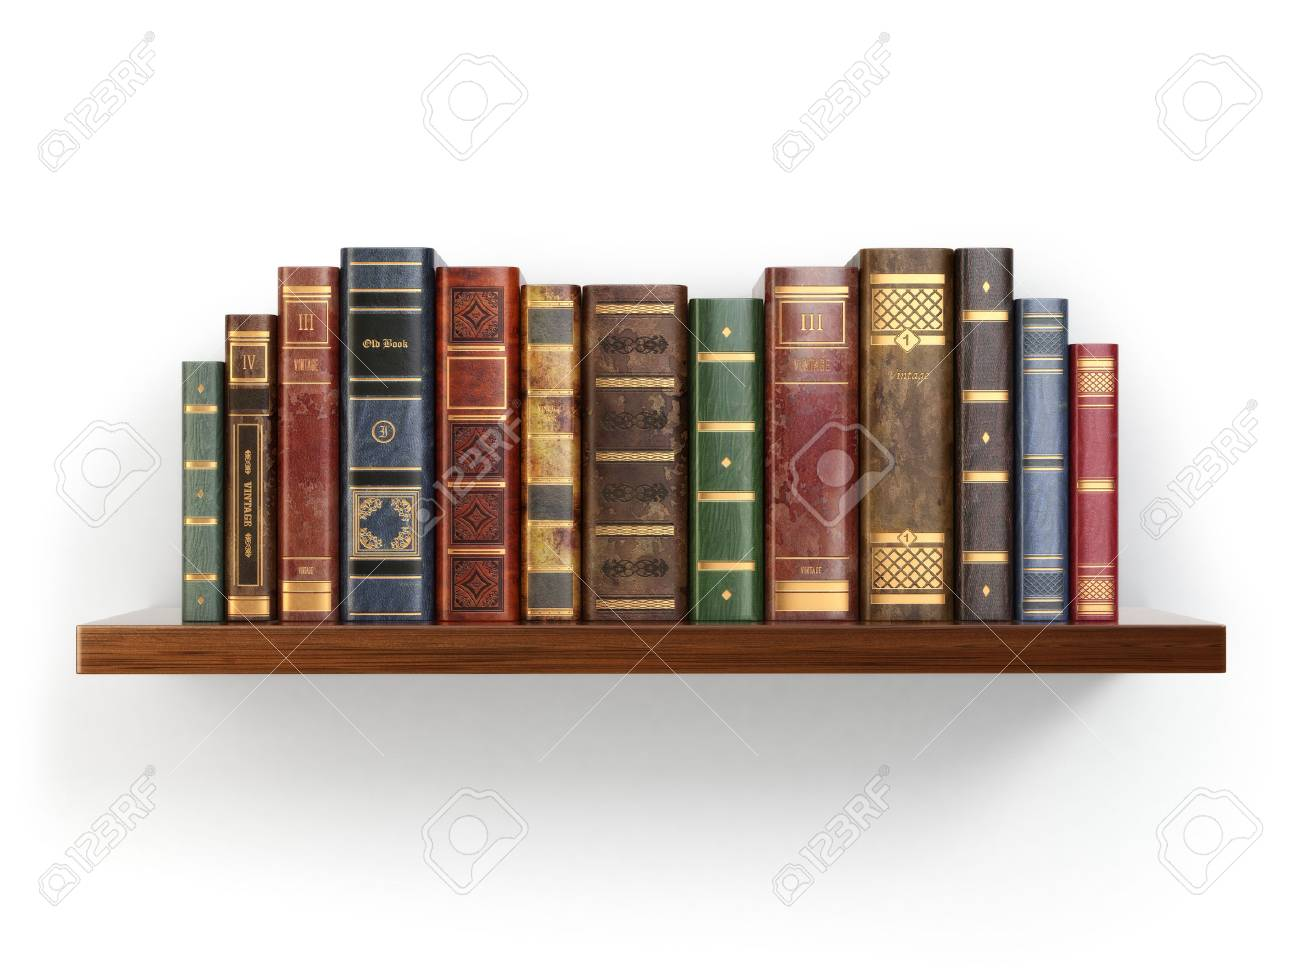 Boekenplank Met Boeken.Vintage Oude Boeken Op De Plank Geisoleerd Op Wit 3d Royalty Vrije